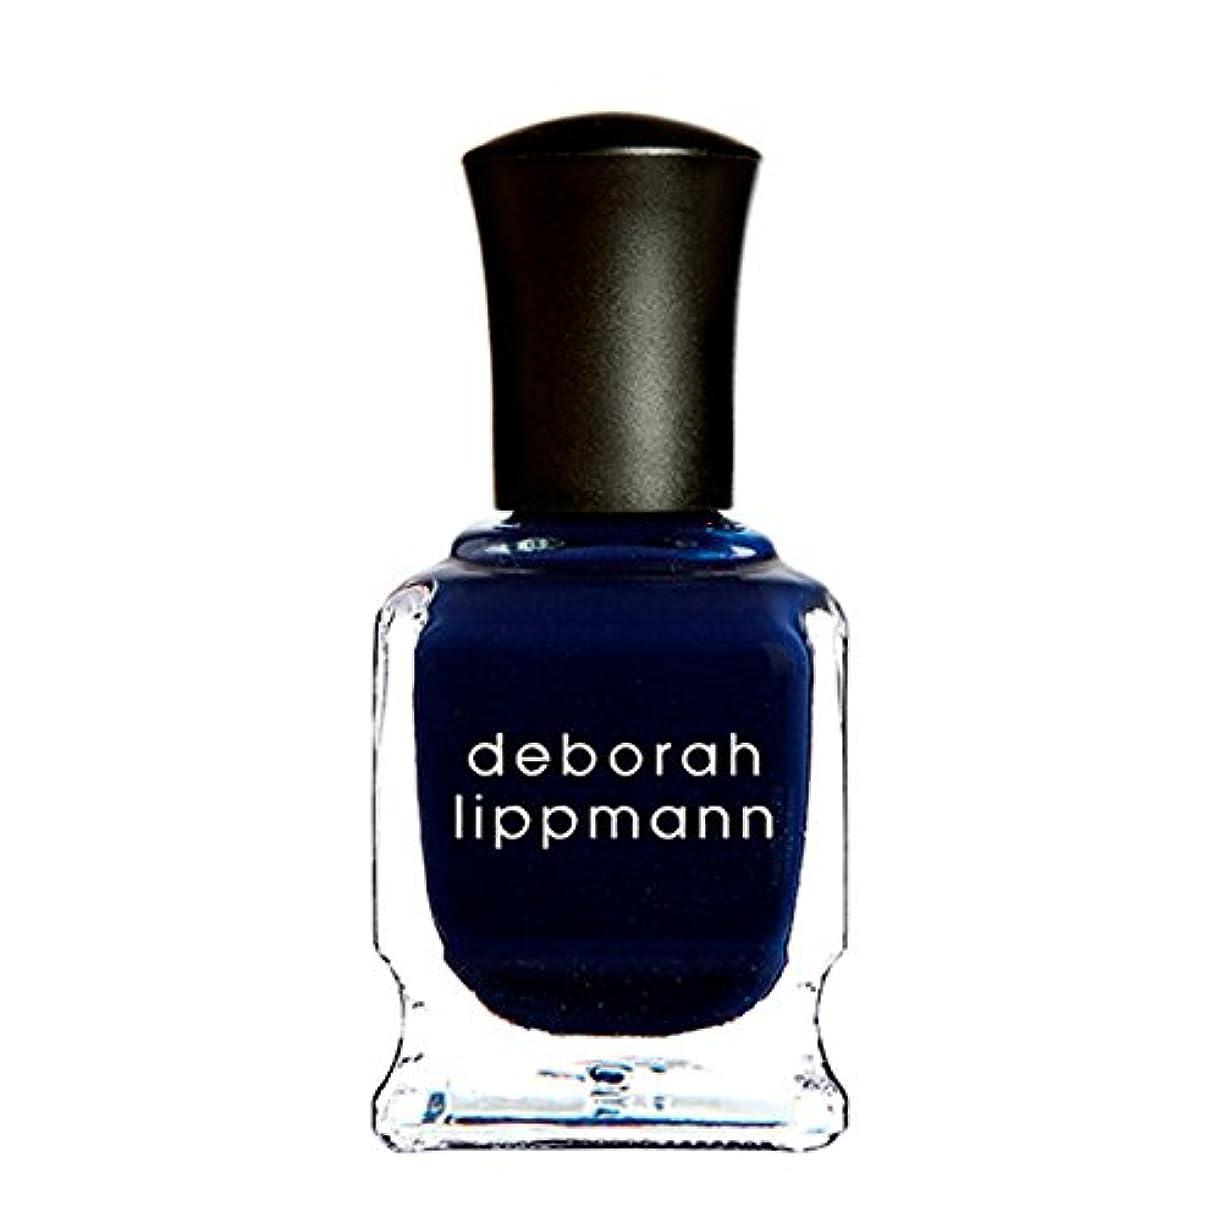 オンススペル教育[Deborah Lippmann] [ デボラリップマン] ローリングインザディープ (Rolling in the Deep) 色:ミッドナイトブルー ネイルカラー系統:ブルー 15mL